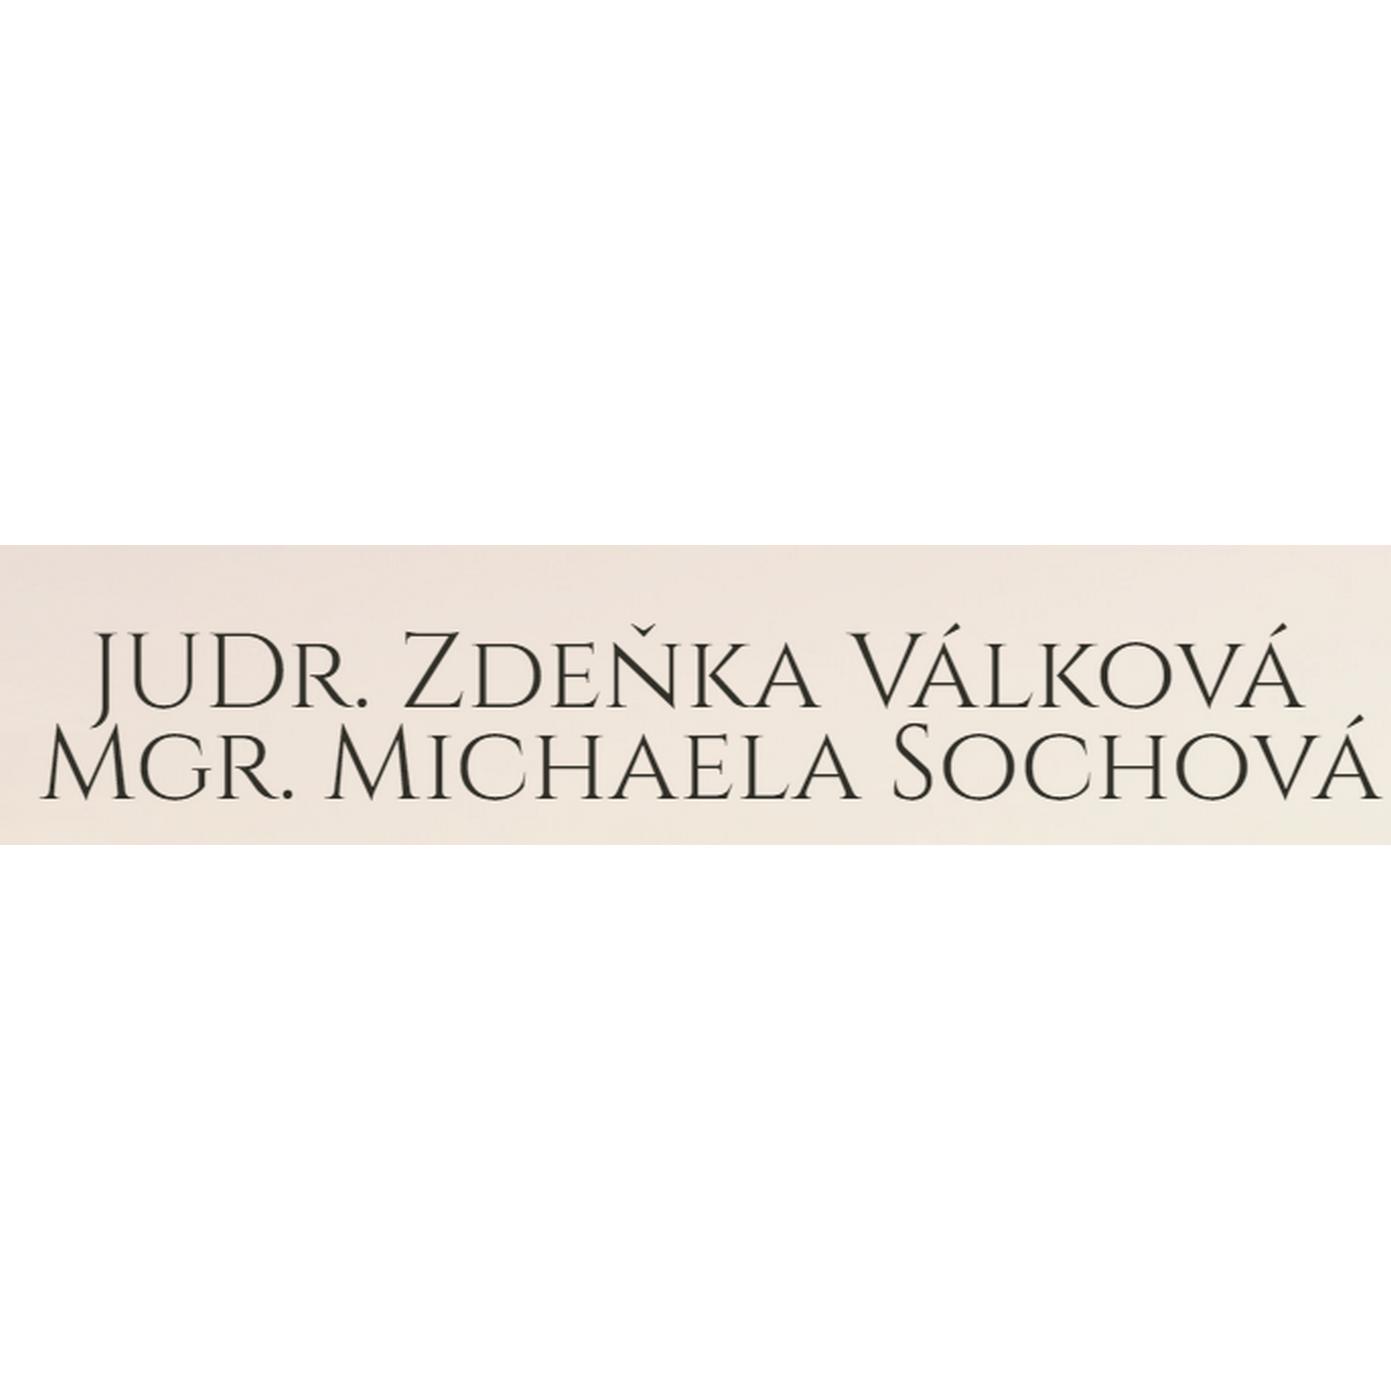 JUDr. Zdeňka Válková & Mgr. Michaela Sochová